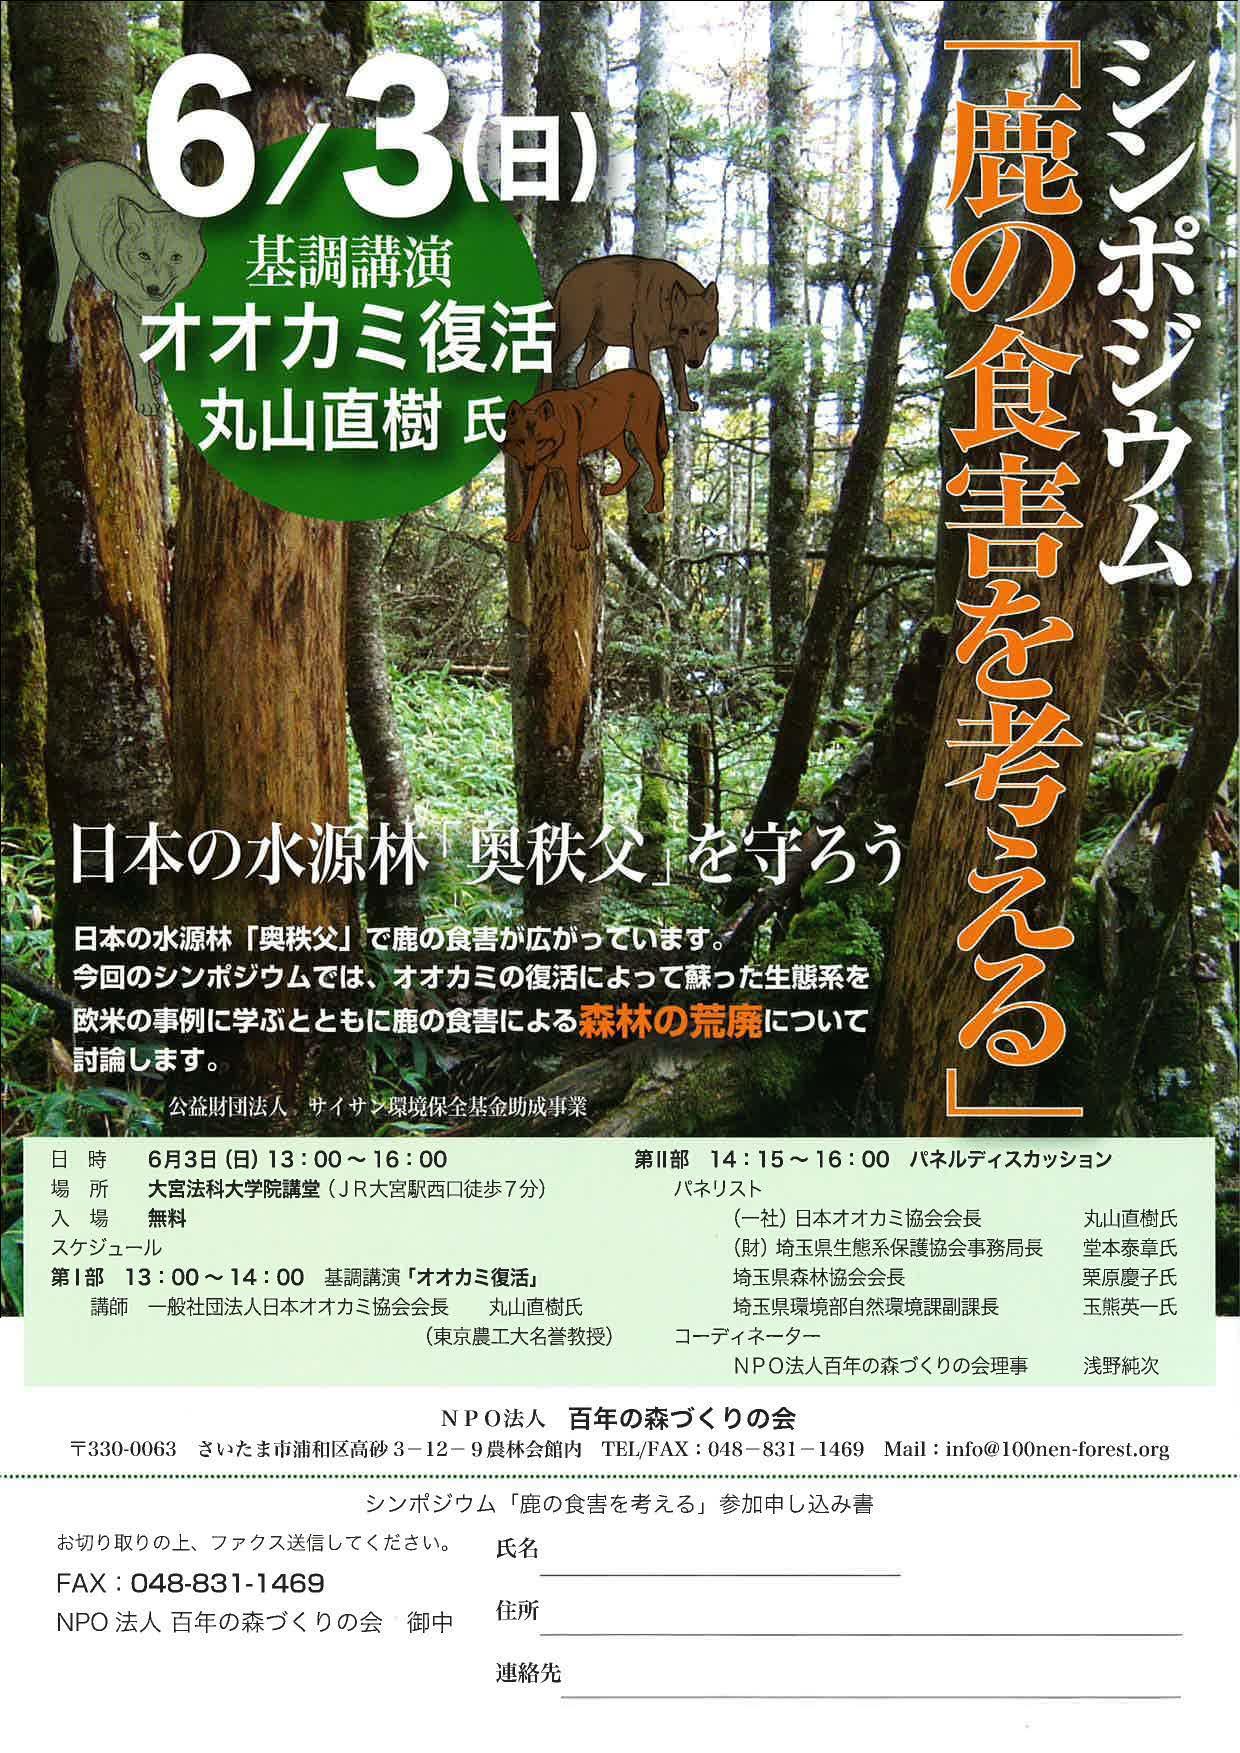 チラシ/鹿食害シンポ120603 (1)